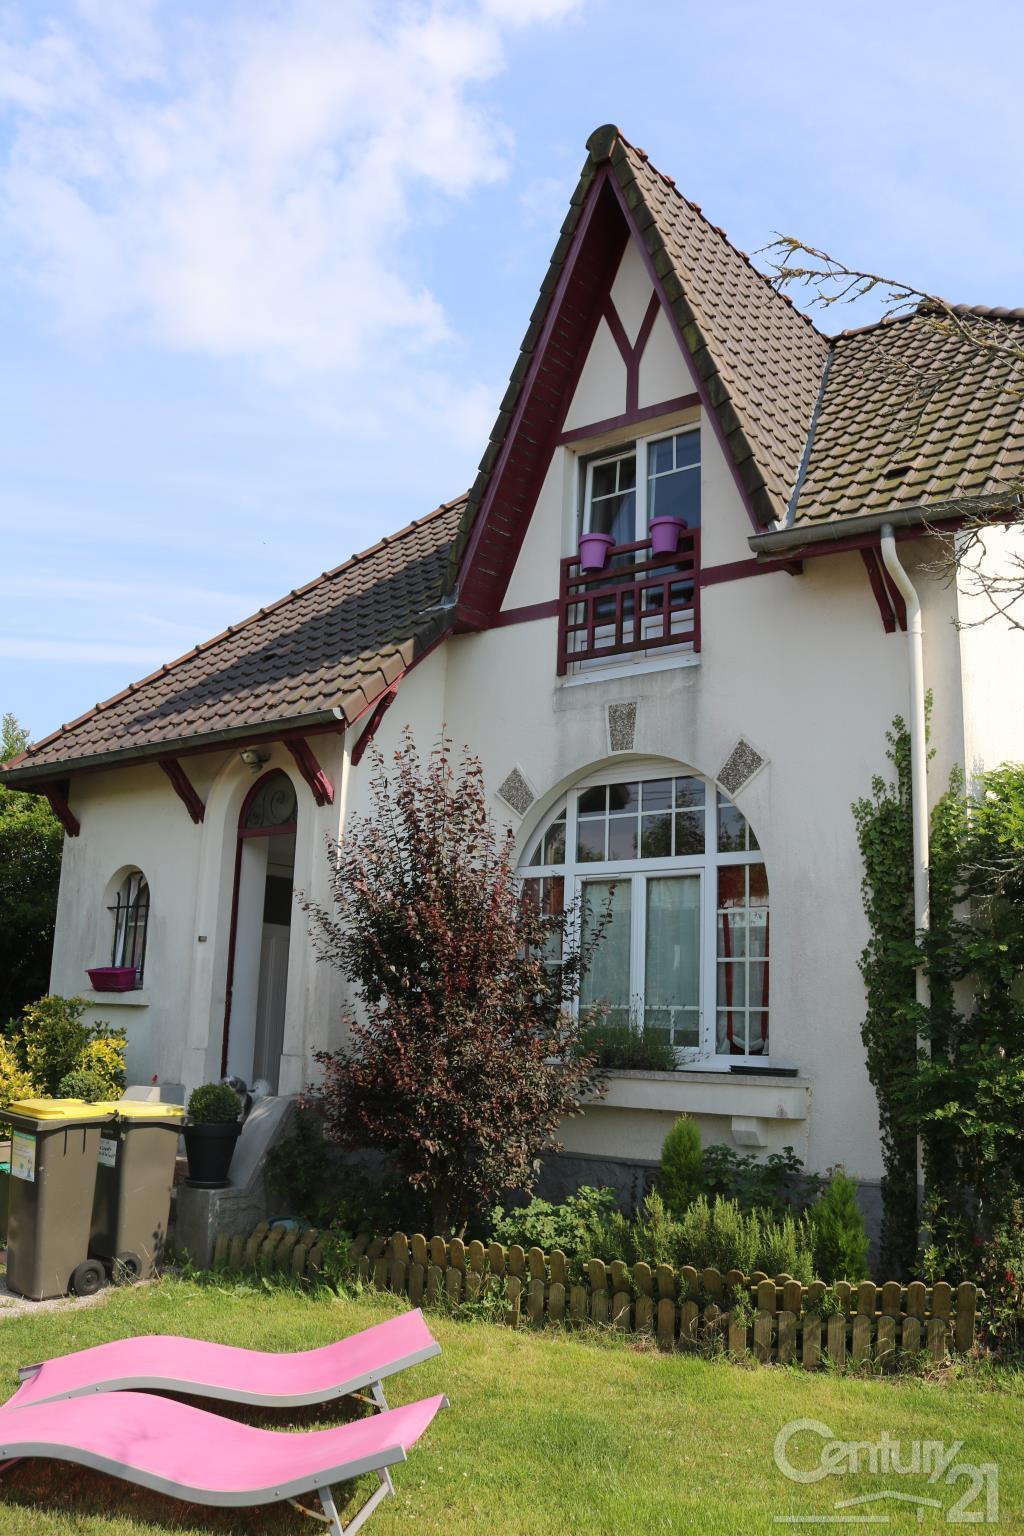 Annonce location maison la capelle l s boulogne 62360 for Annonces location maison